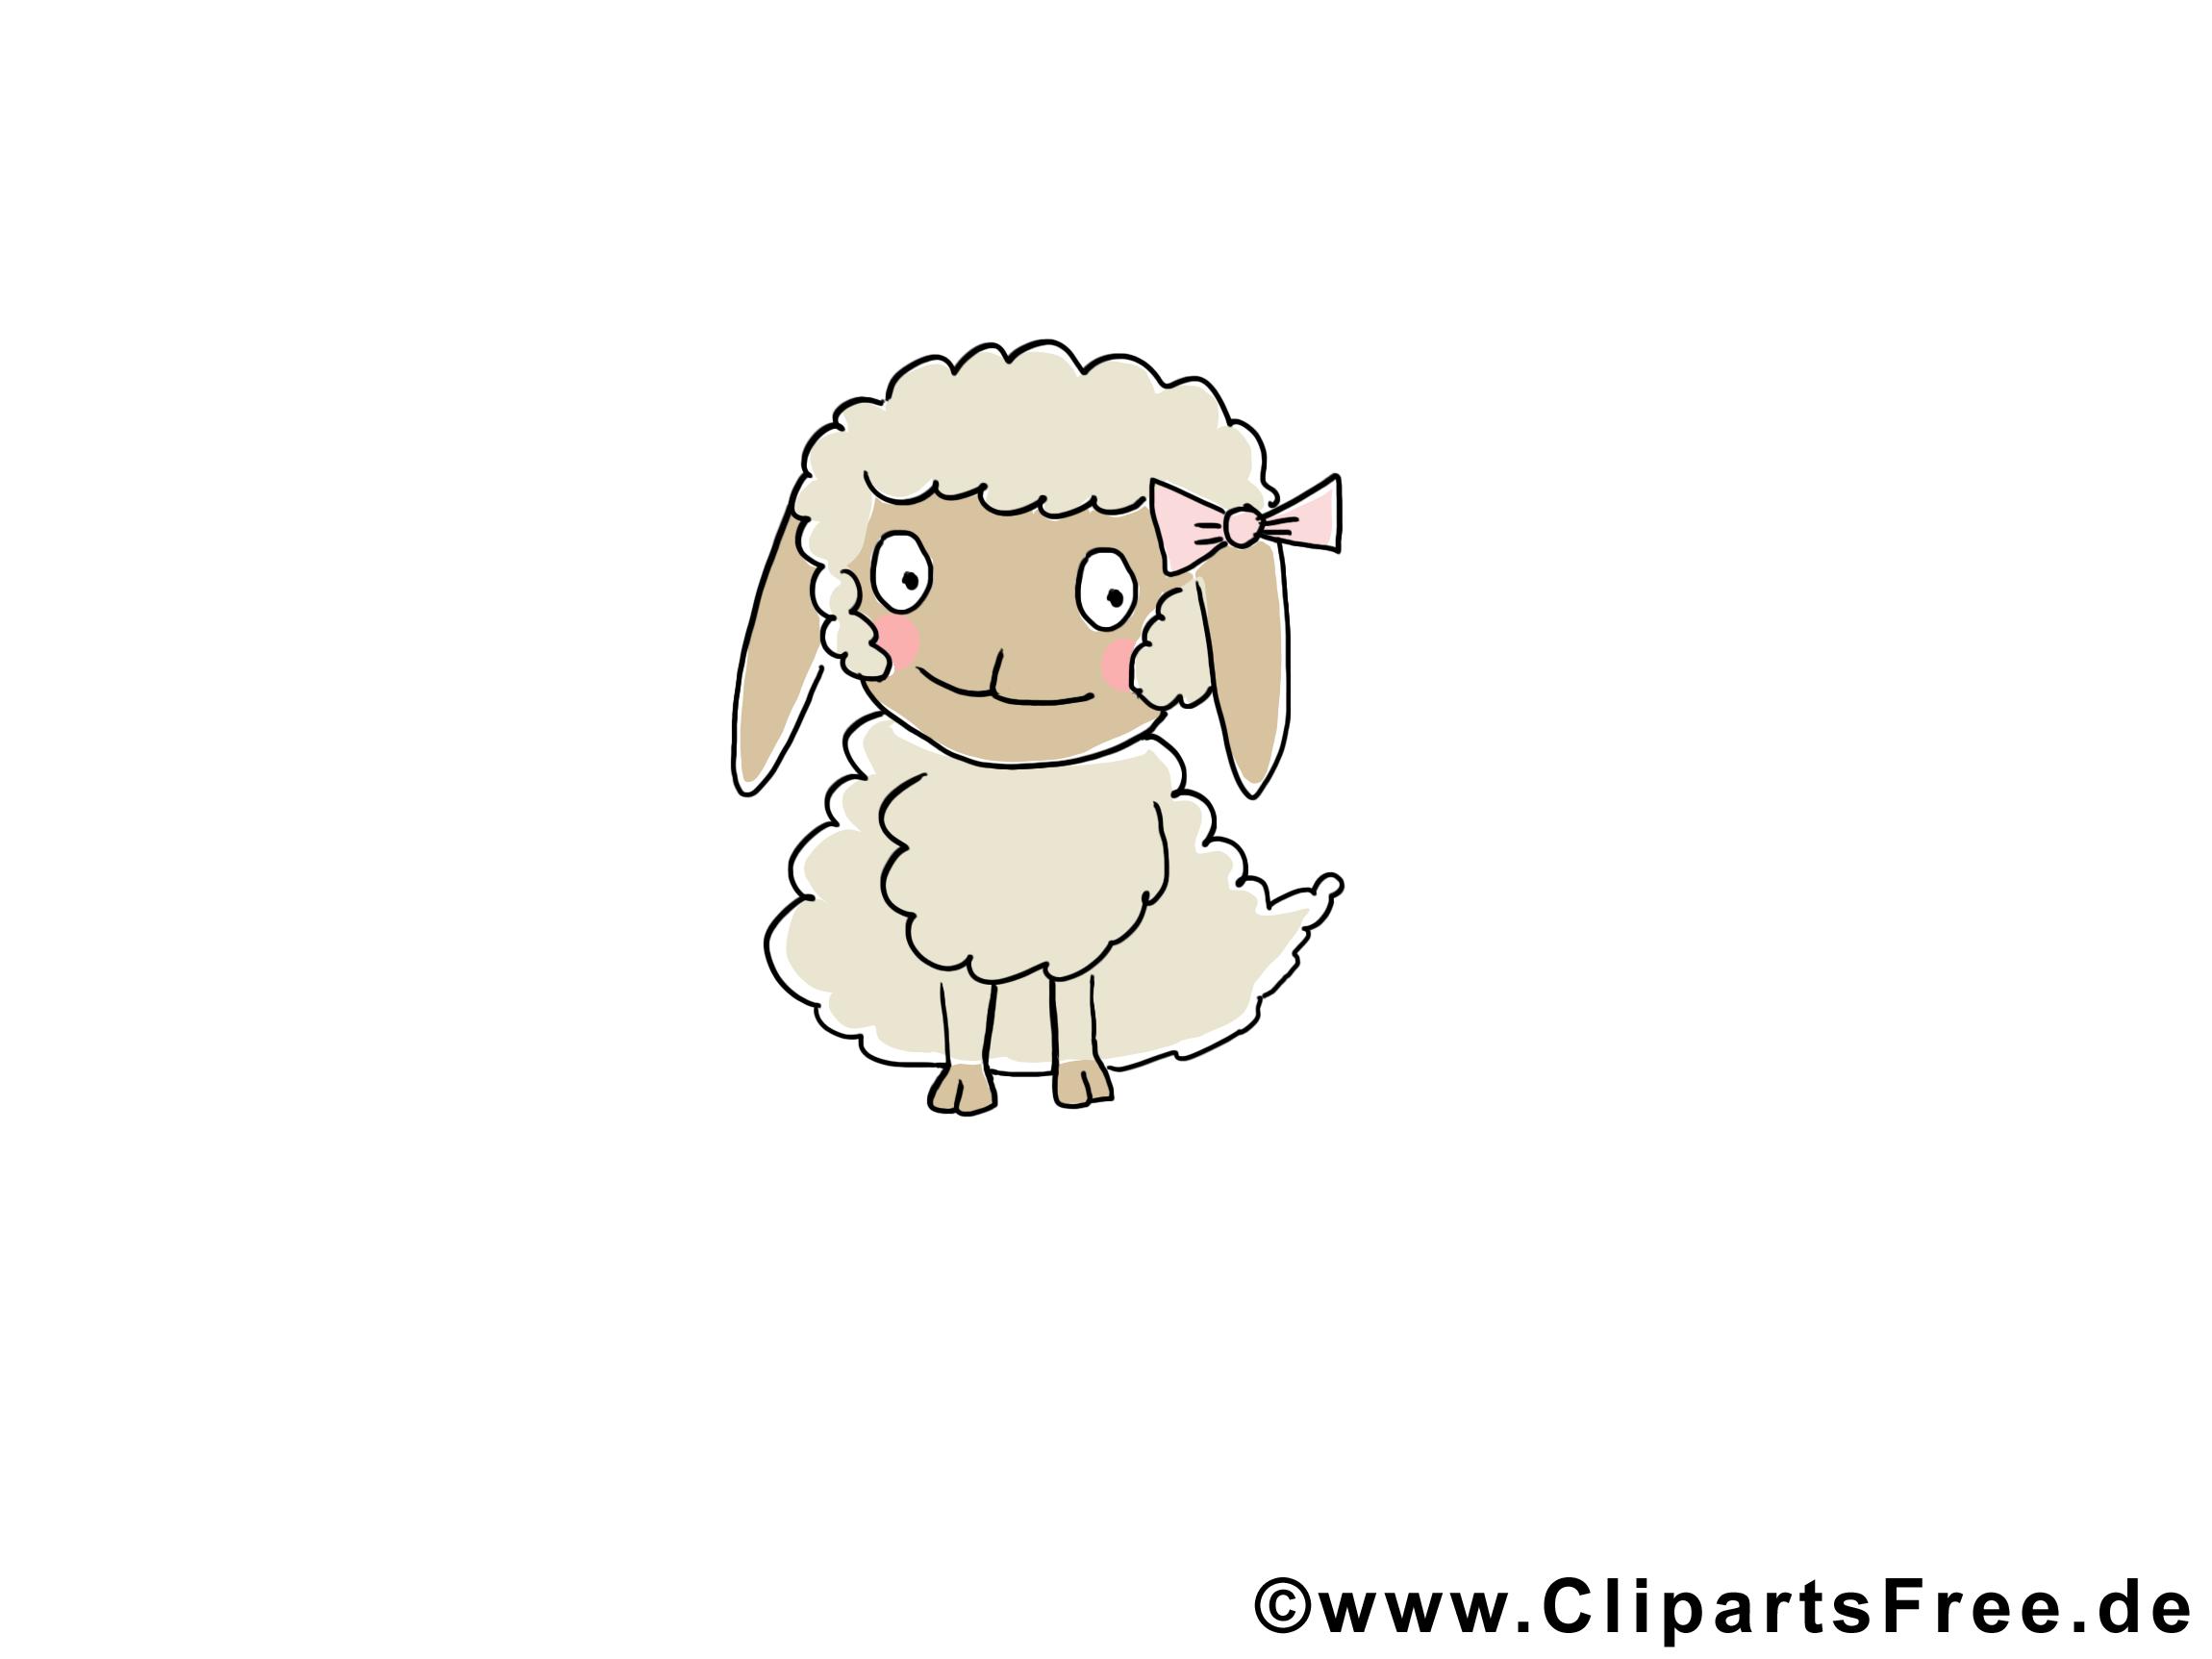 Baby Cartoon Bilder von Tieren - Schaf Baby